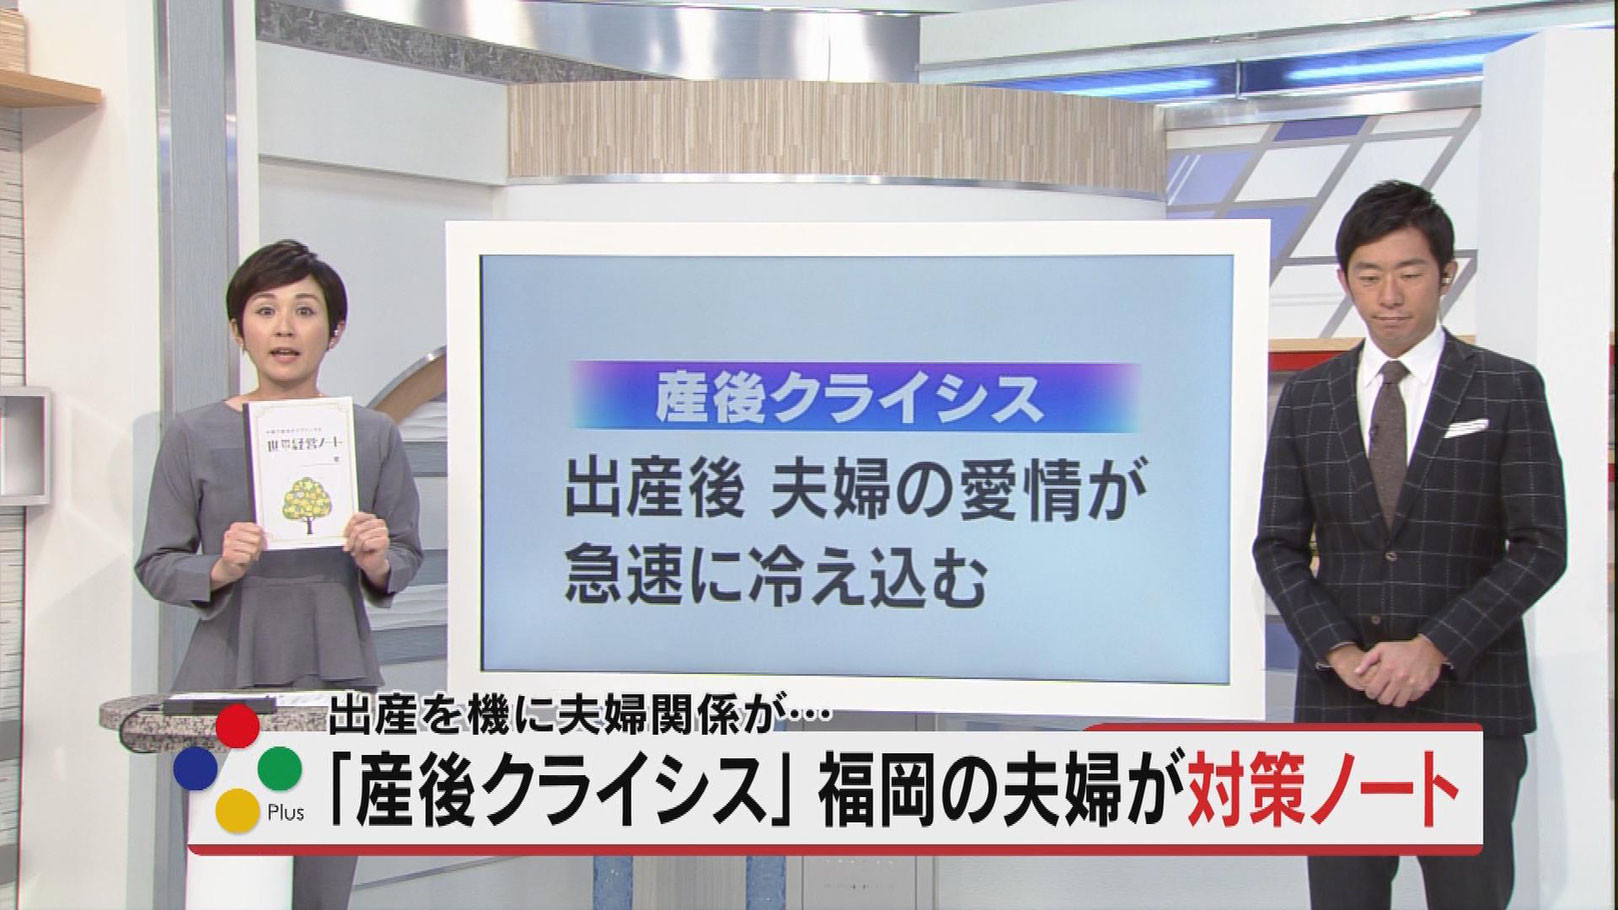 FBS福岡放送「めんたいPlus」で夫婦会議ツール「世帯経営ノート」をご紹介いただきました